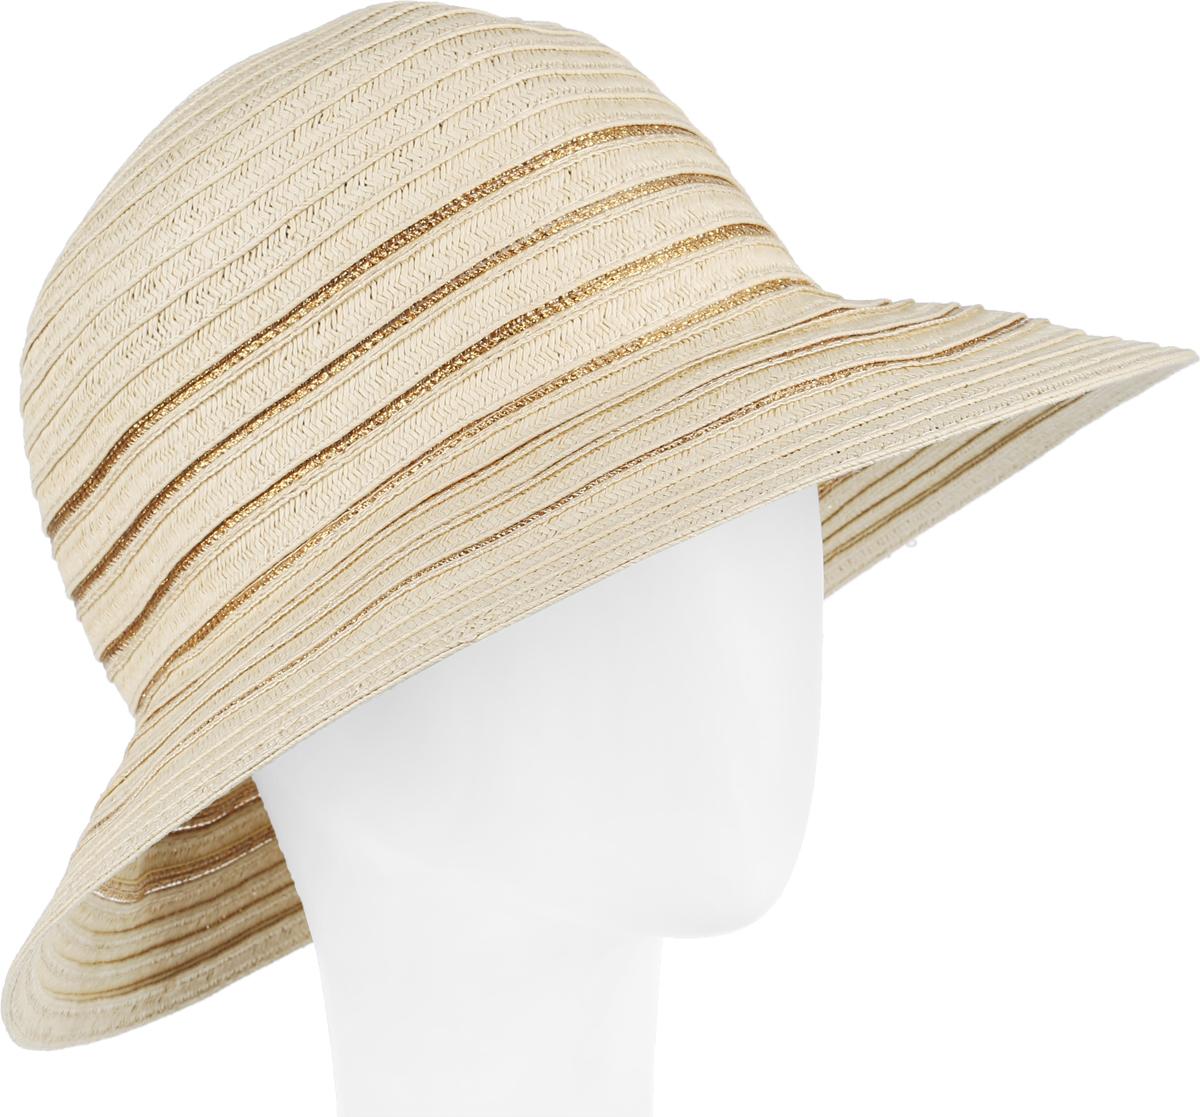 Шляпа женская Fabretti, цвет: бежевый. G27-3. Размер универсальныйG27-3 BEIGEСтильная шляпа от Fabretti для пляжного отдыха и прогулок в солнечные дни.